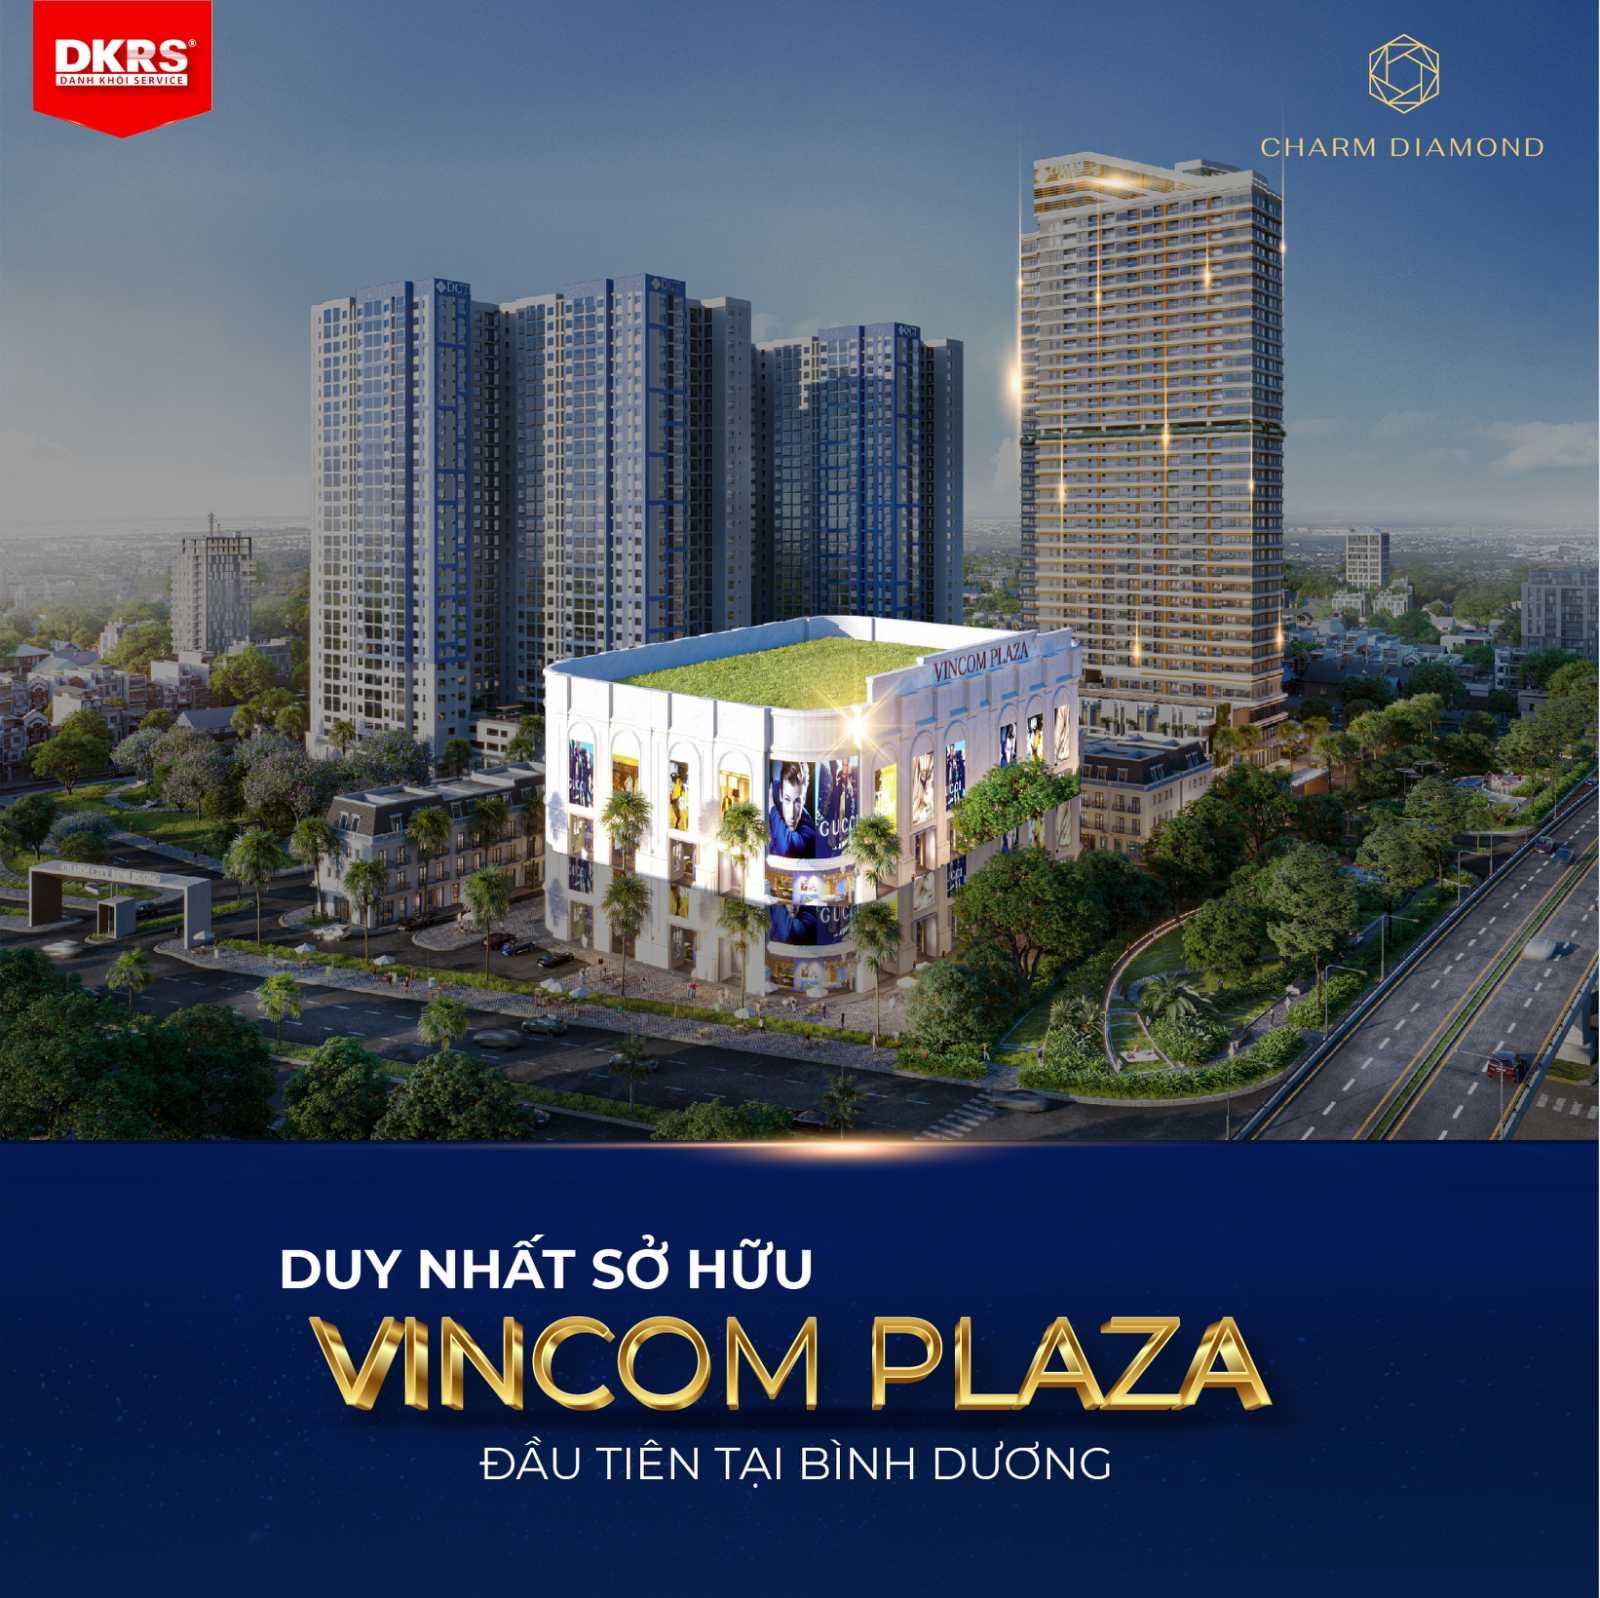 Trung tâm thương mại Vincom tại Charm Diamond